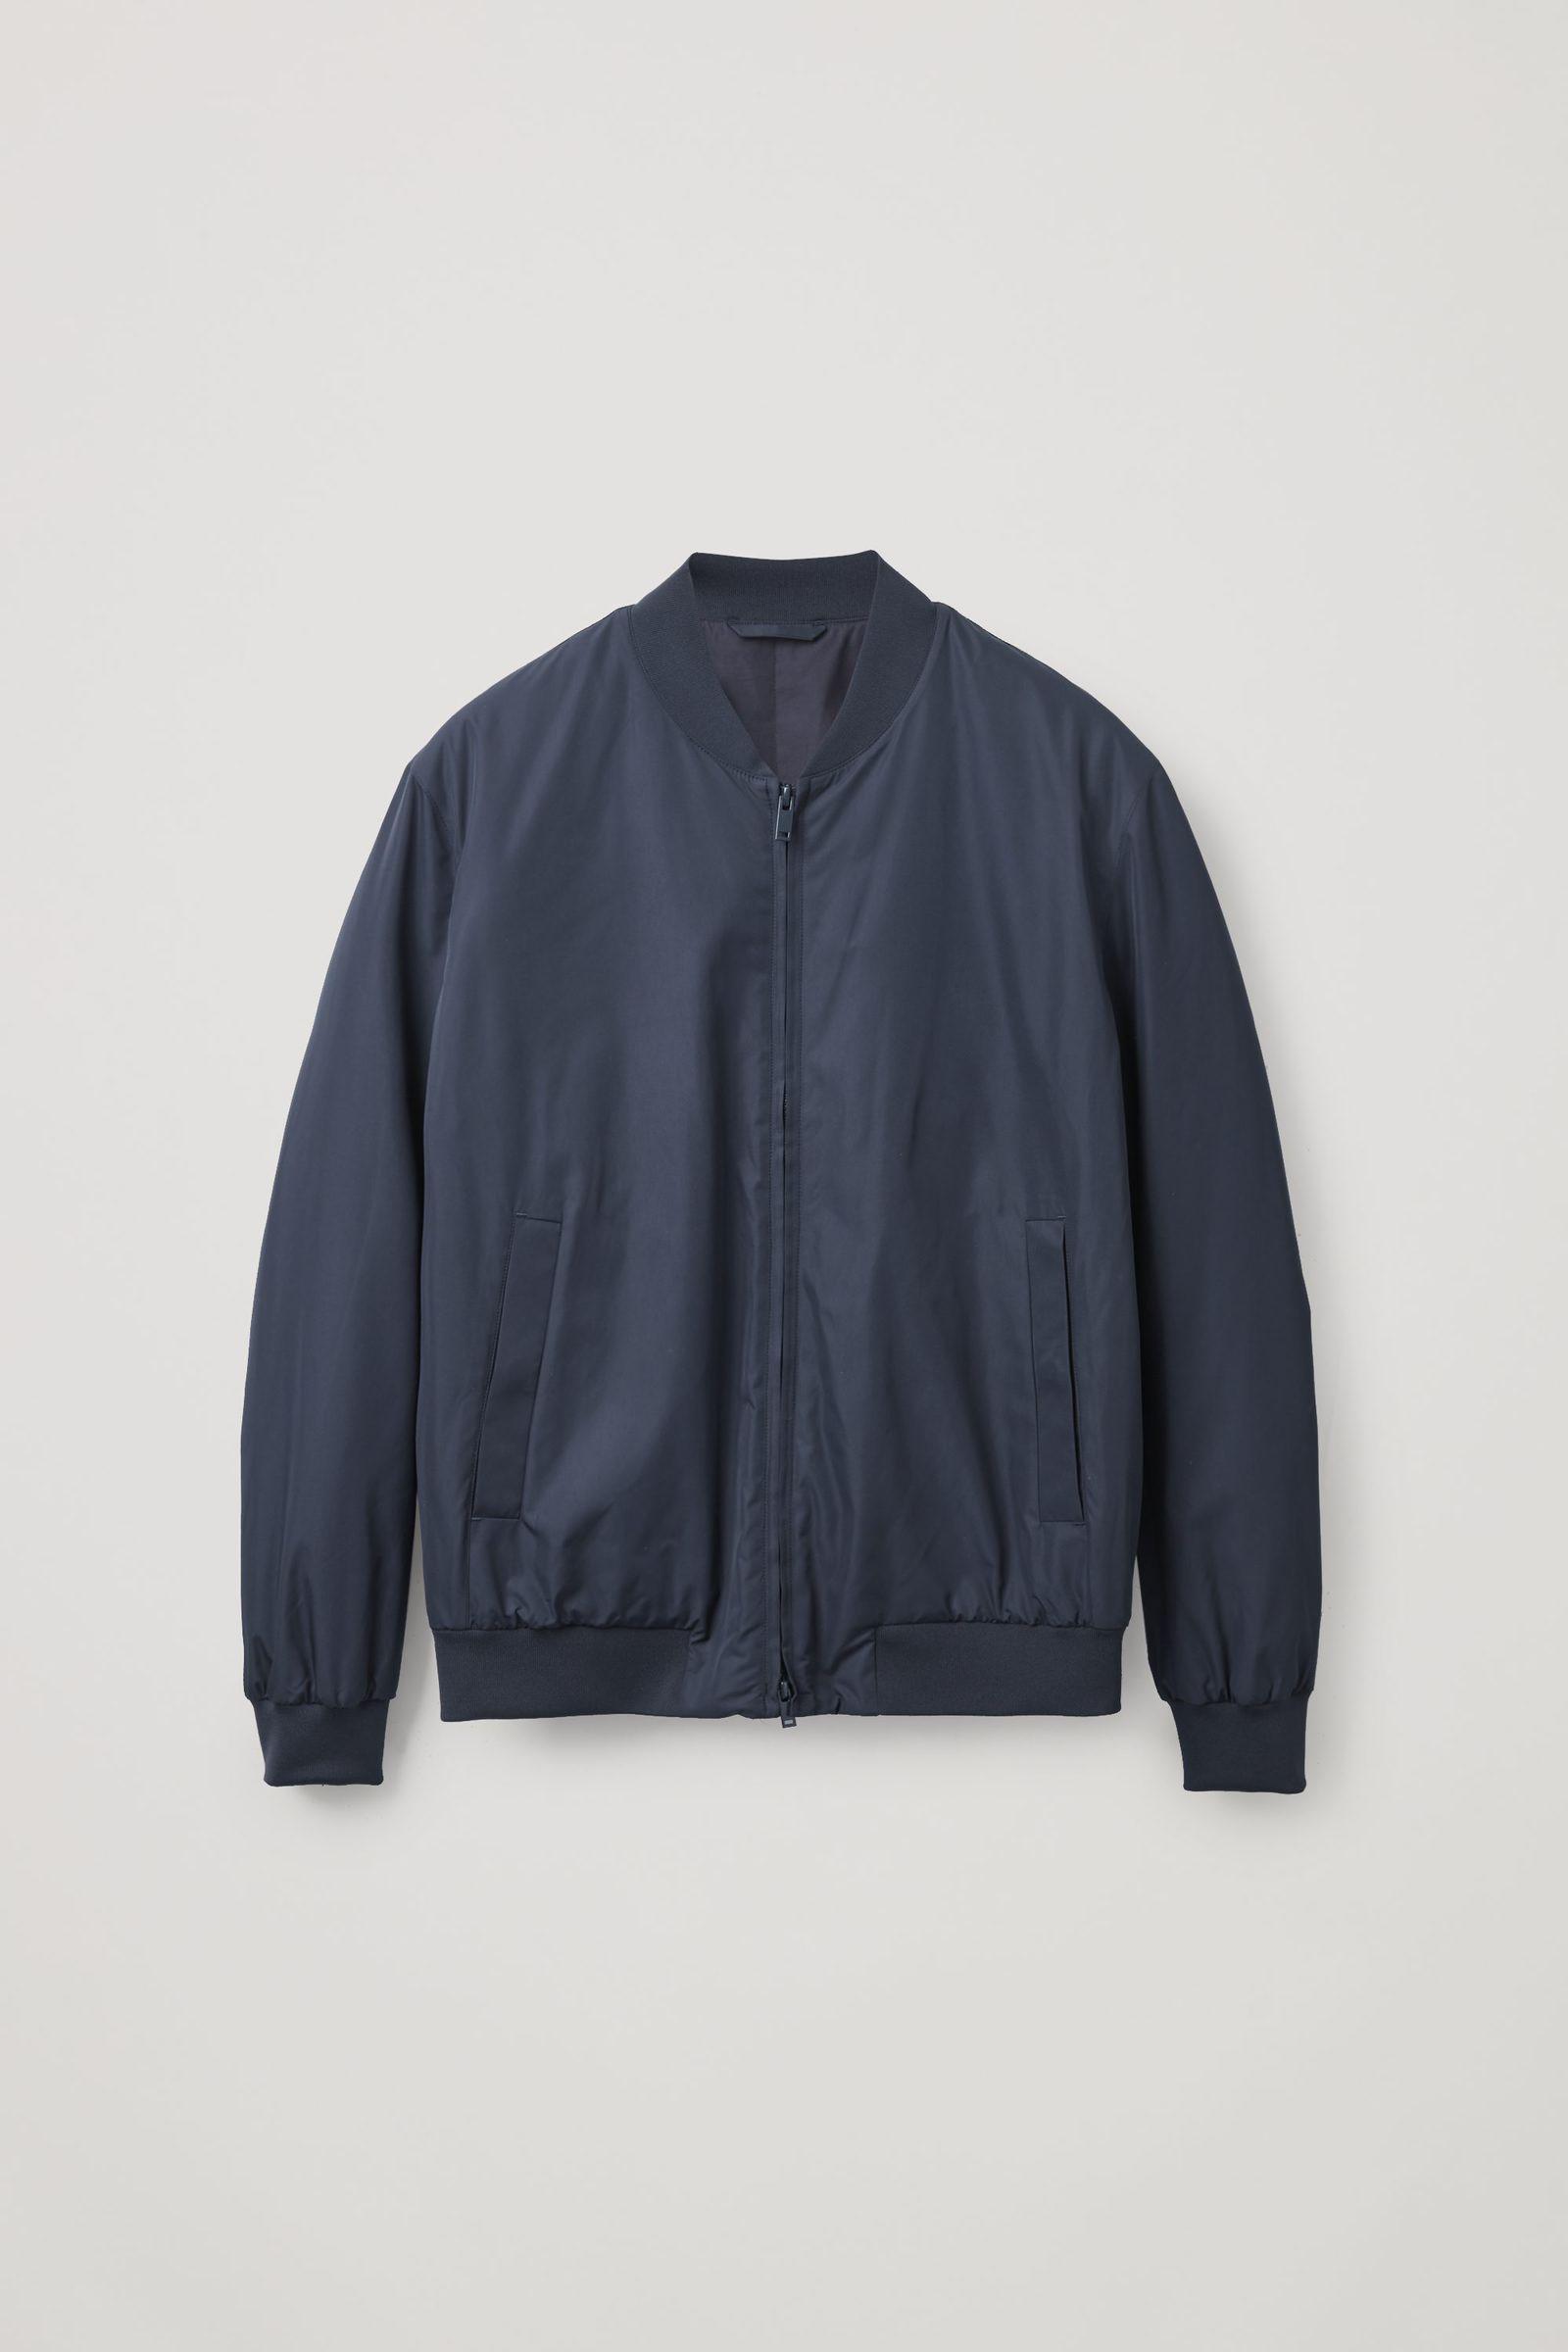 COS 보머 재킷의 블루컬러 Product입니다.